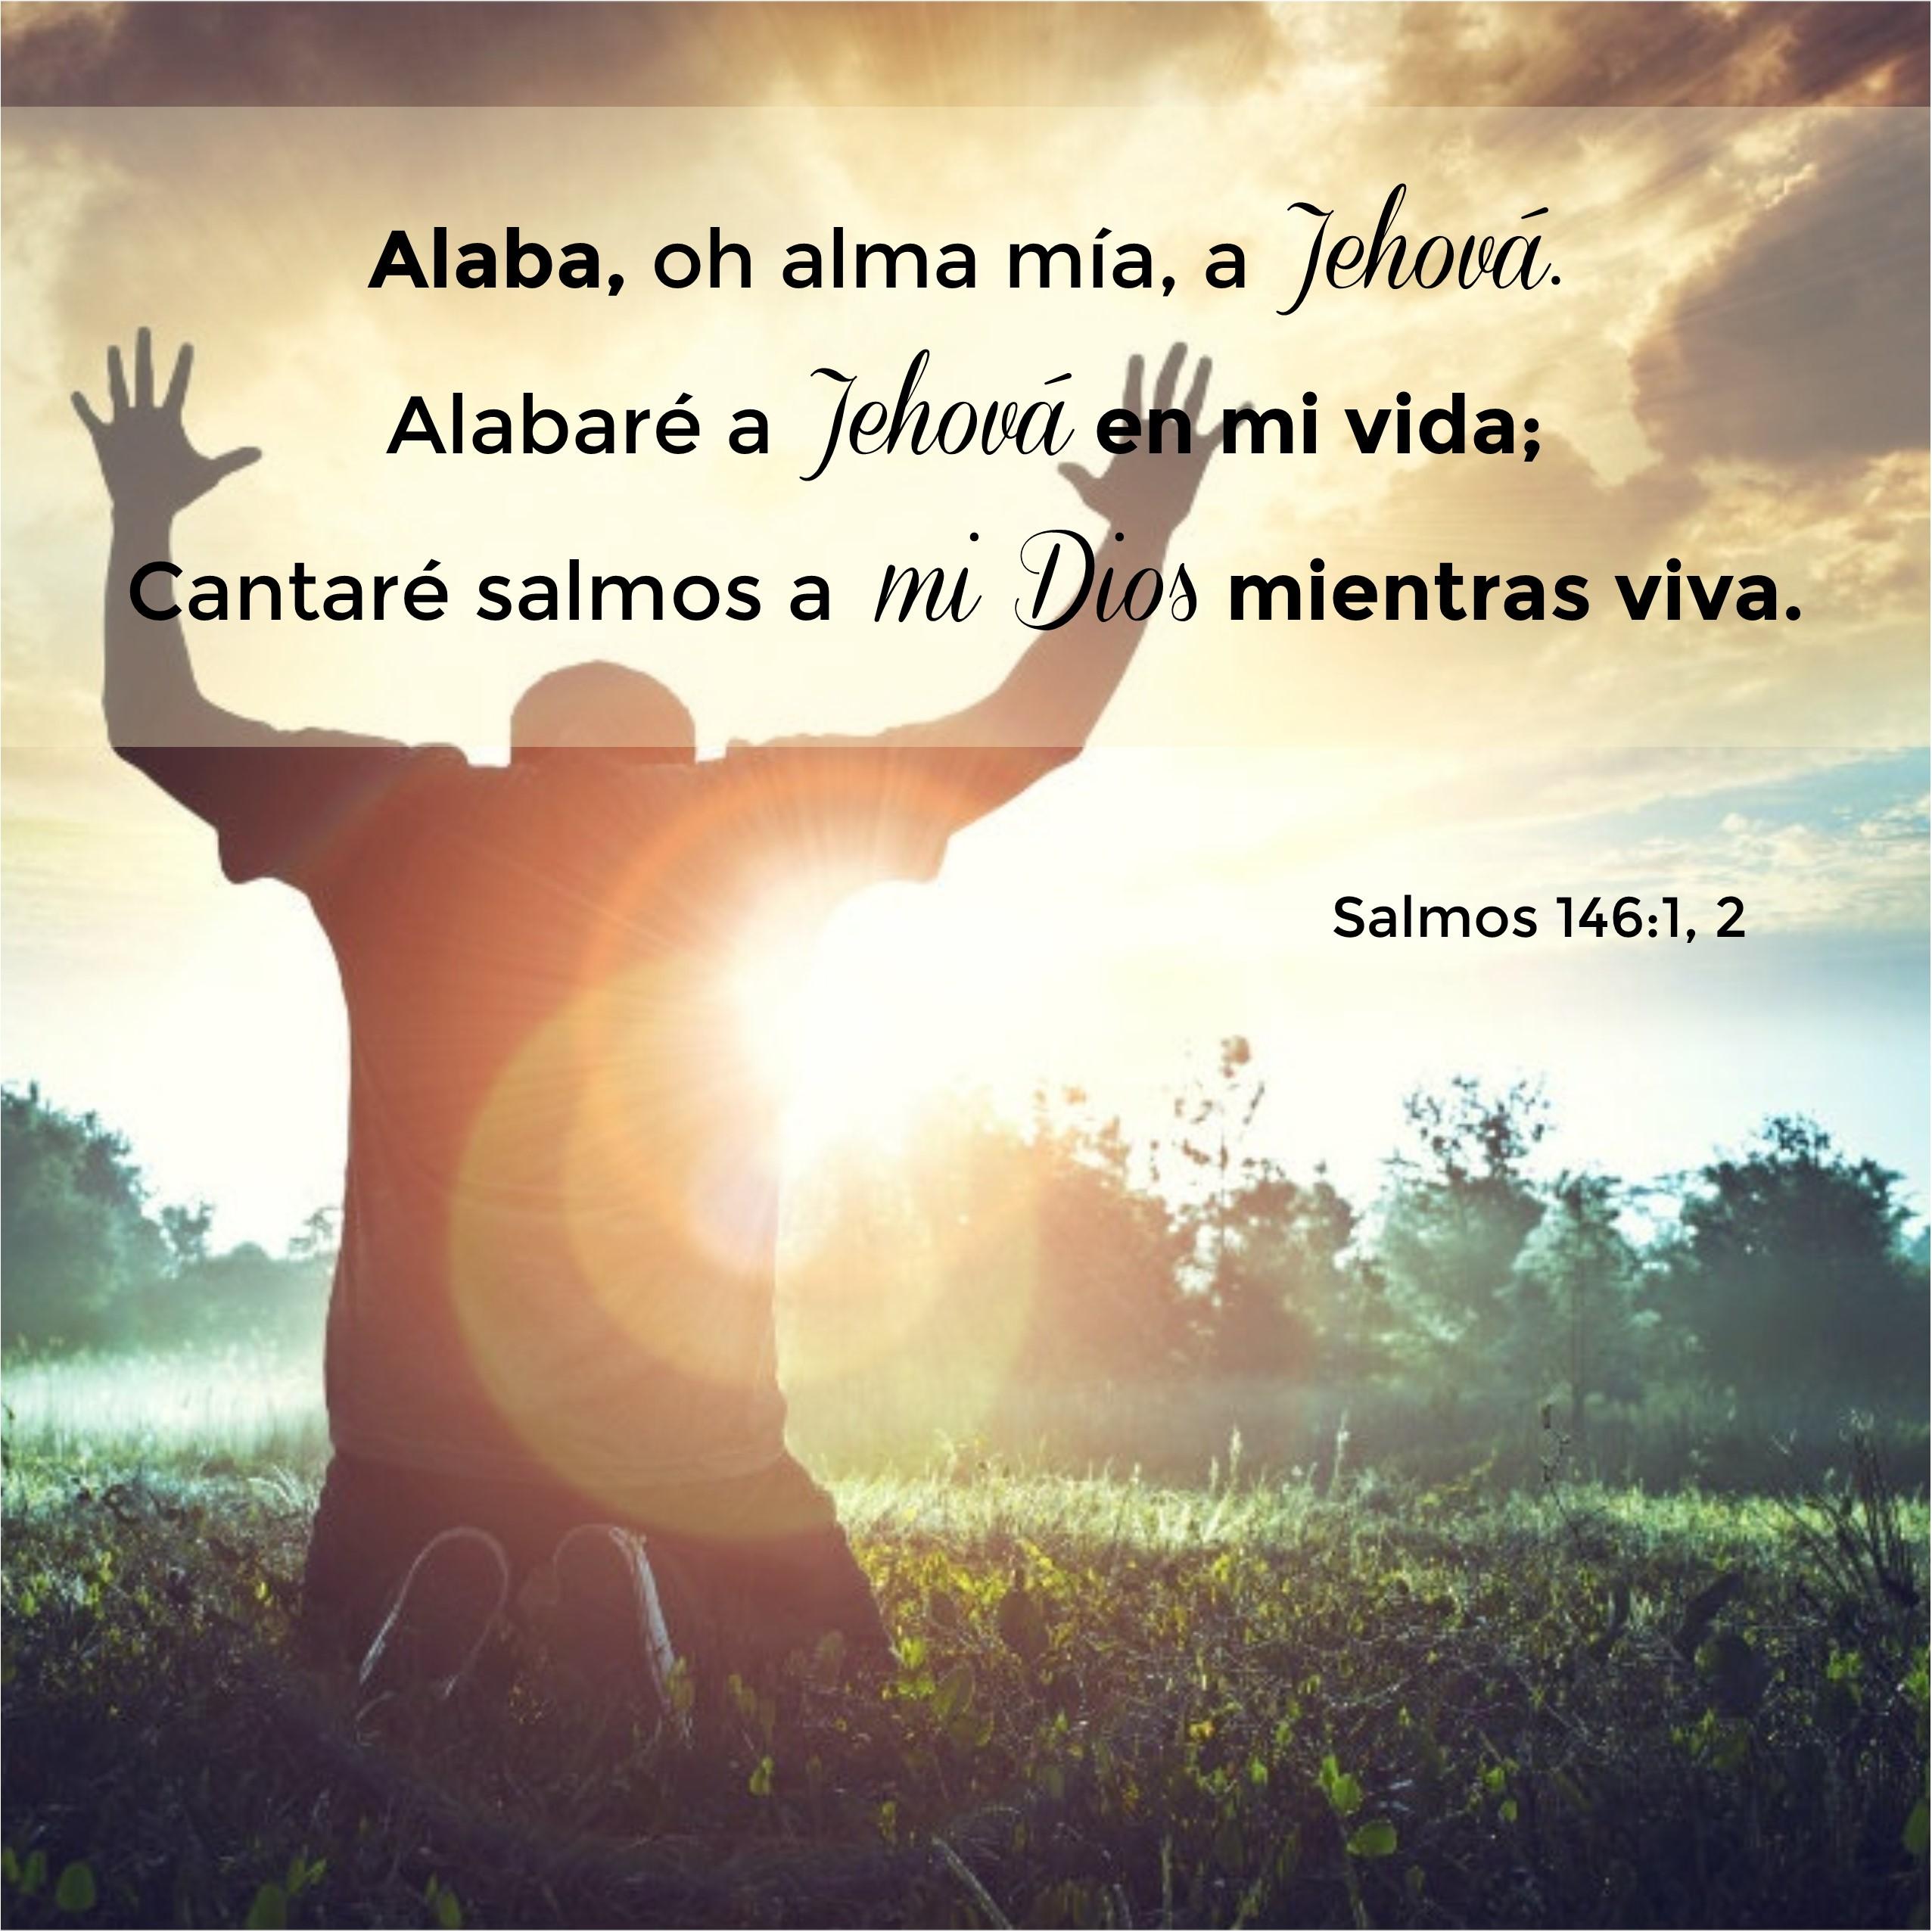 Salmos 146.1, 2 Anexo